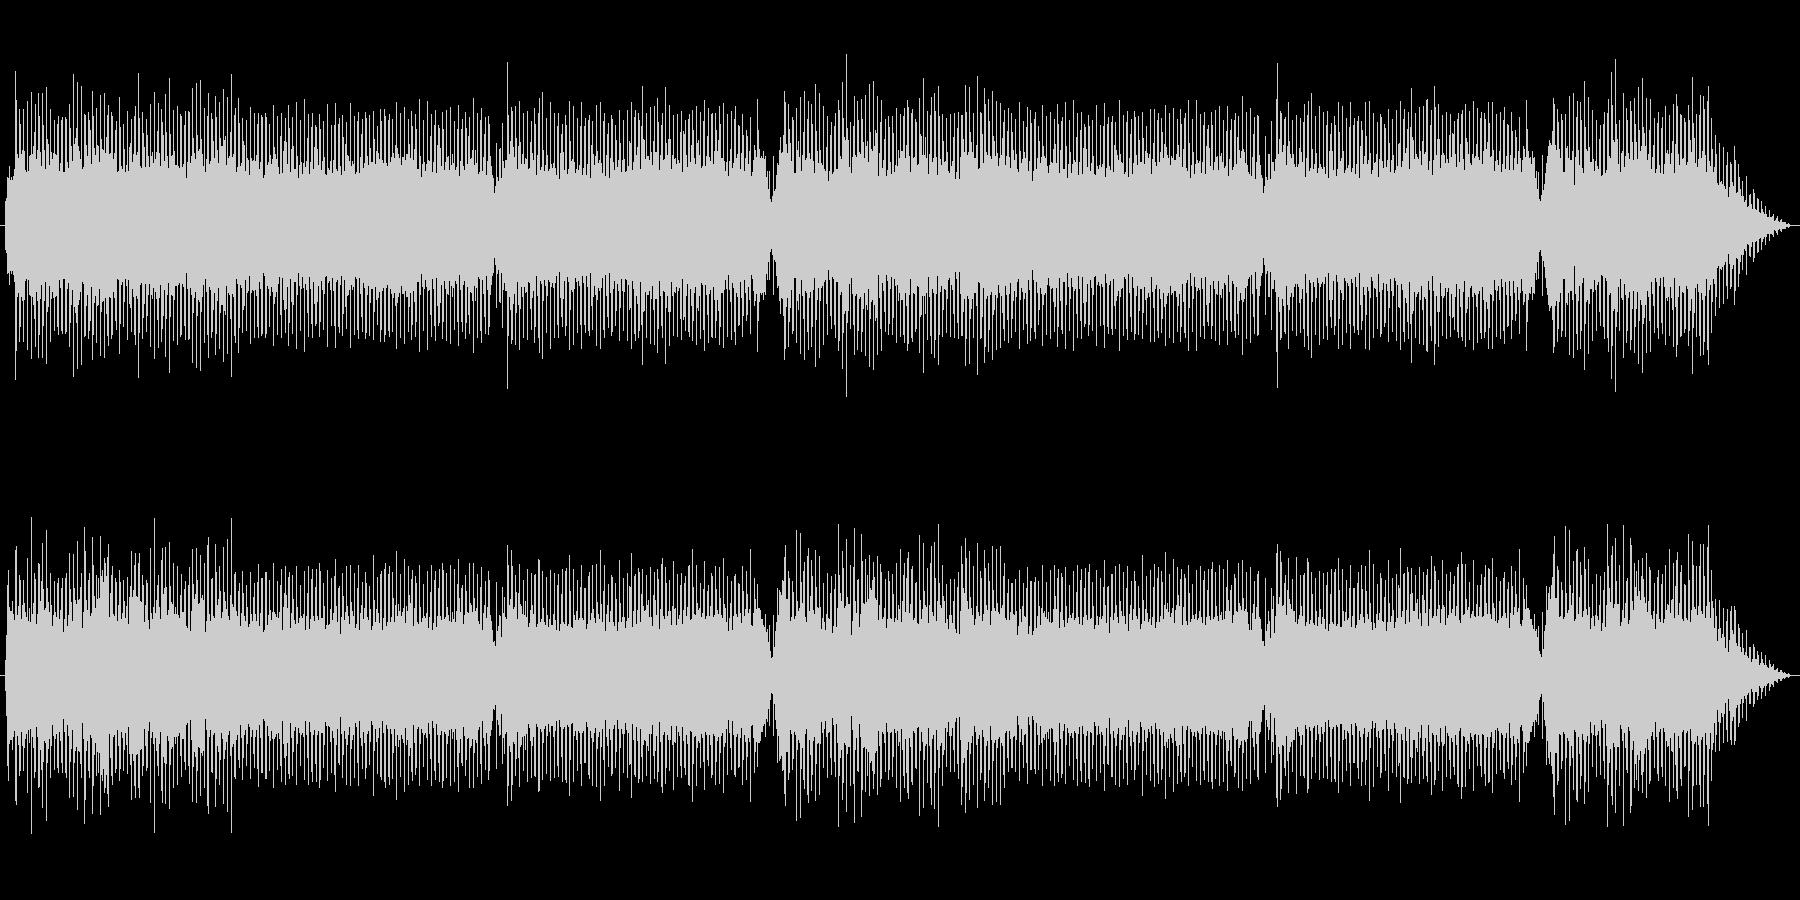 トランス:ピアノ・メロディアス系の未再生の波形